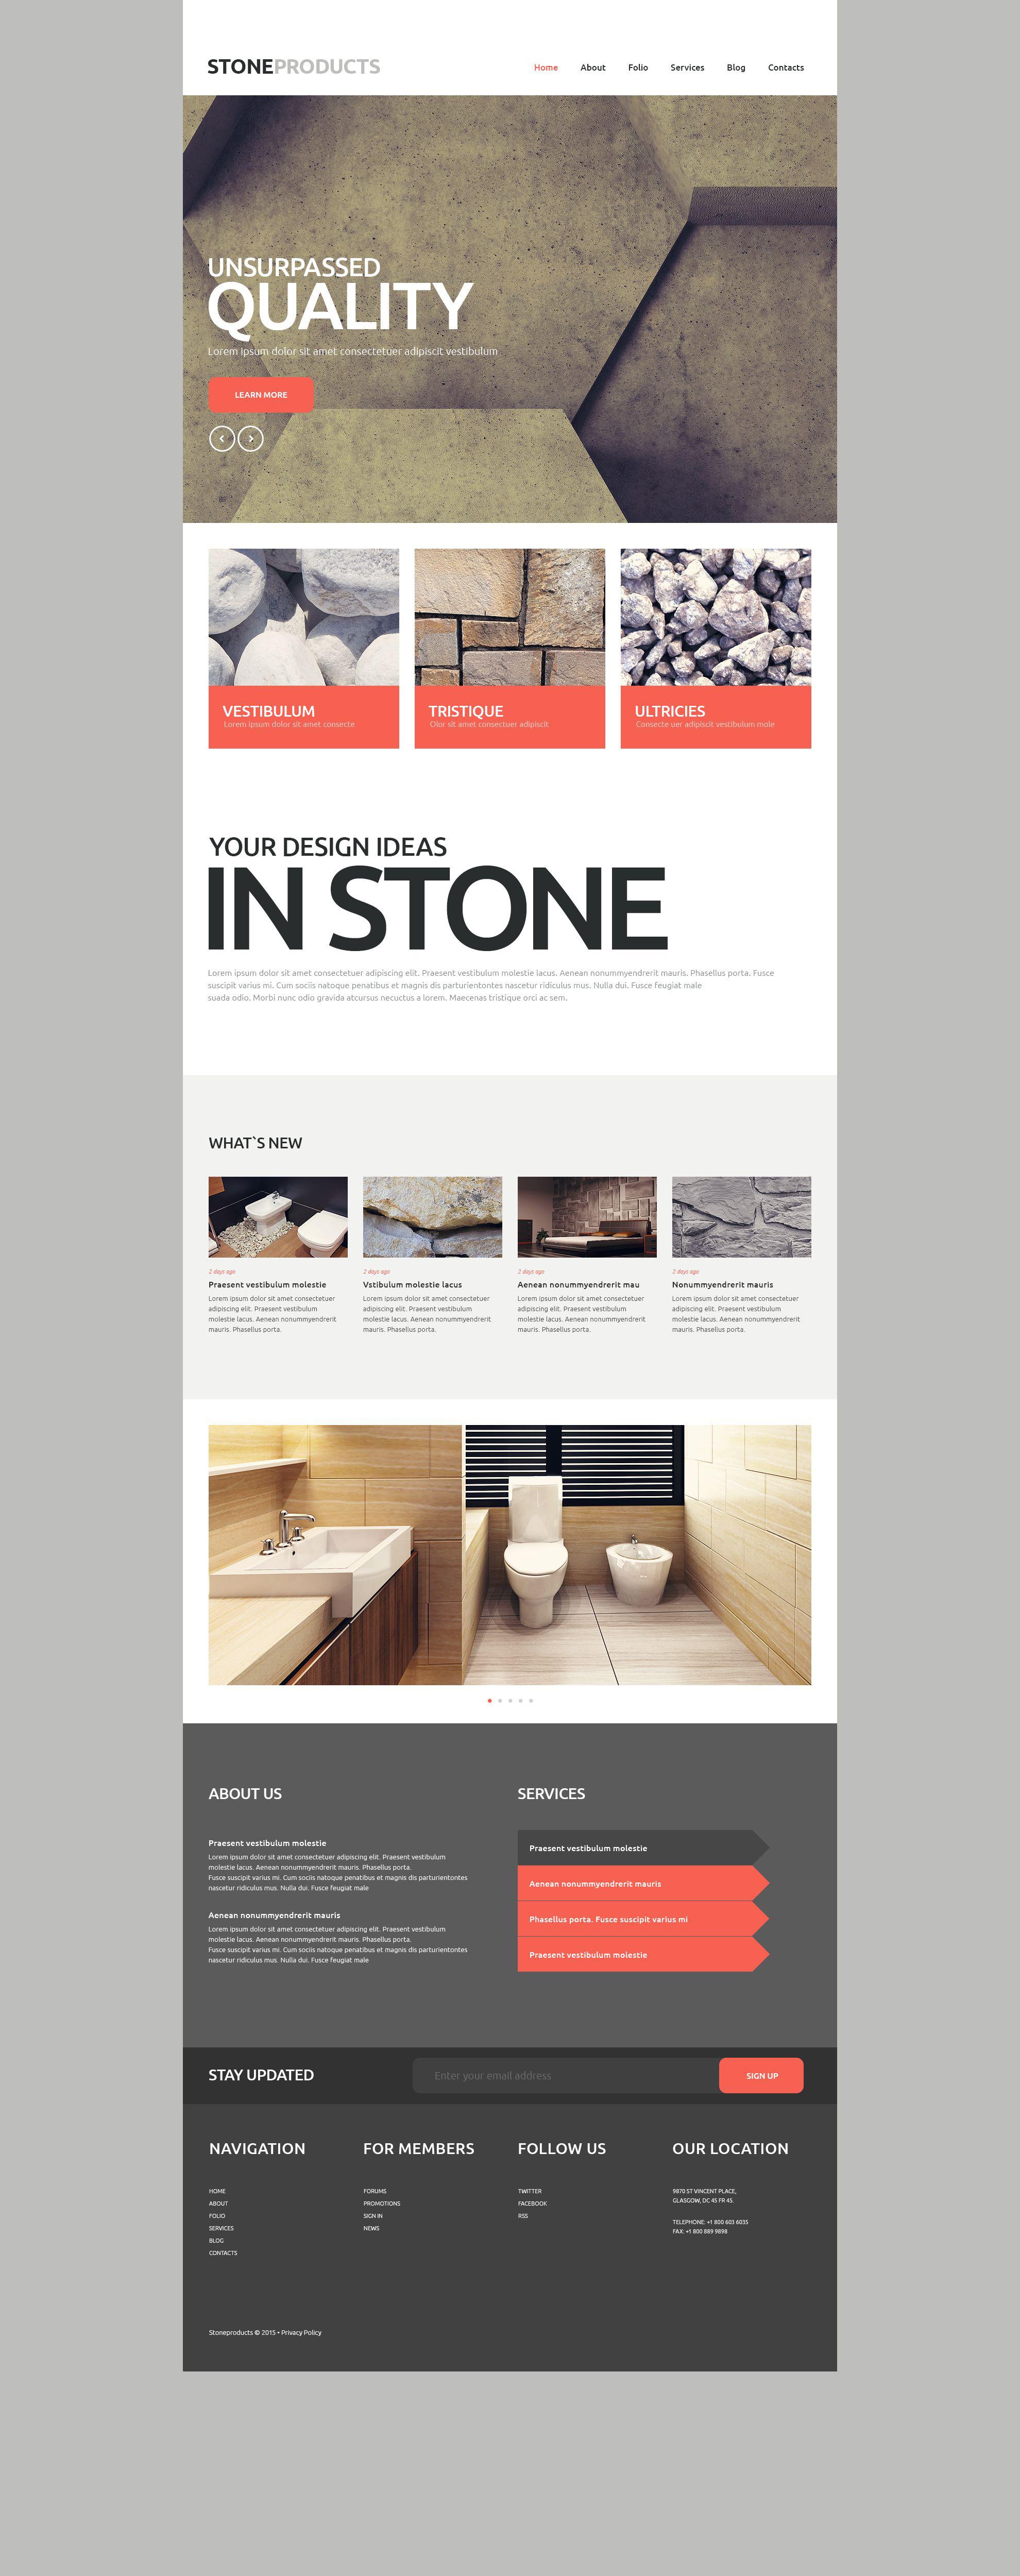 Responsywny szablon strony www Flooring Products #53751 - zrzut ekranu